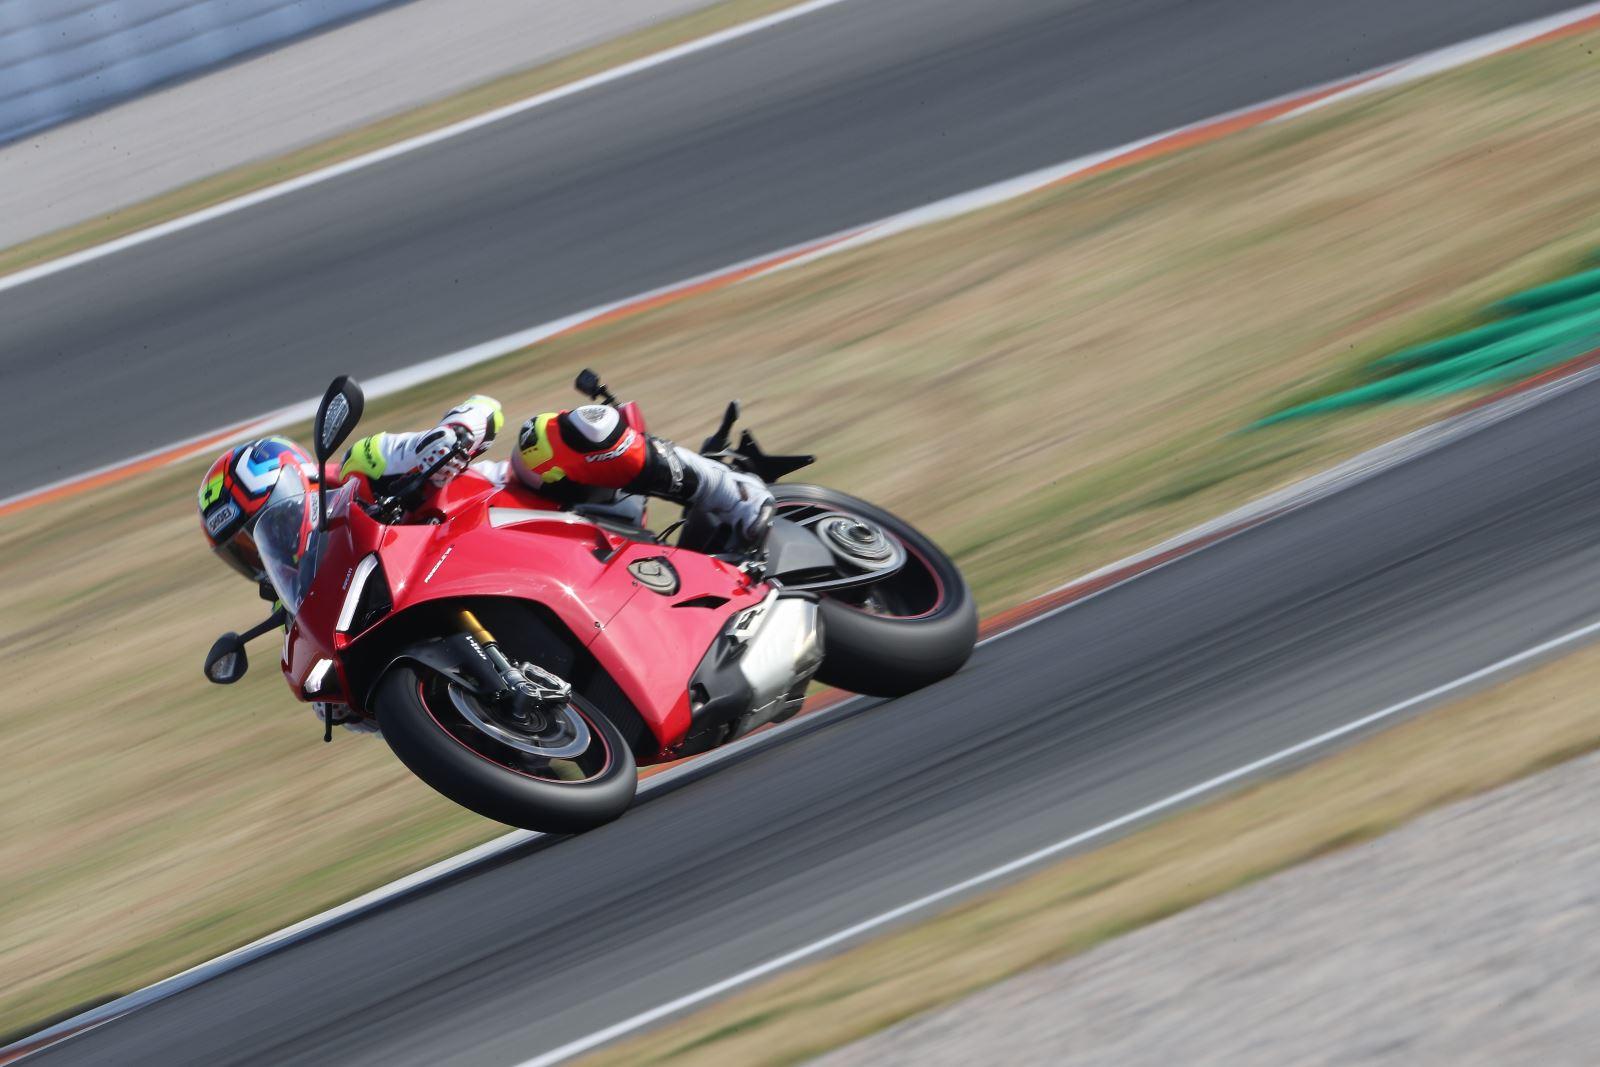 Ducati Panigale V4: Gerçekten Efsanesi Kadar İyi Mi? 5. İçerik Fotoğrafı